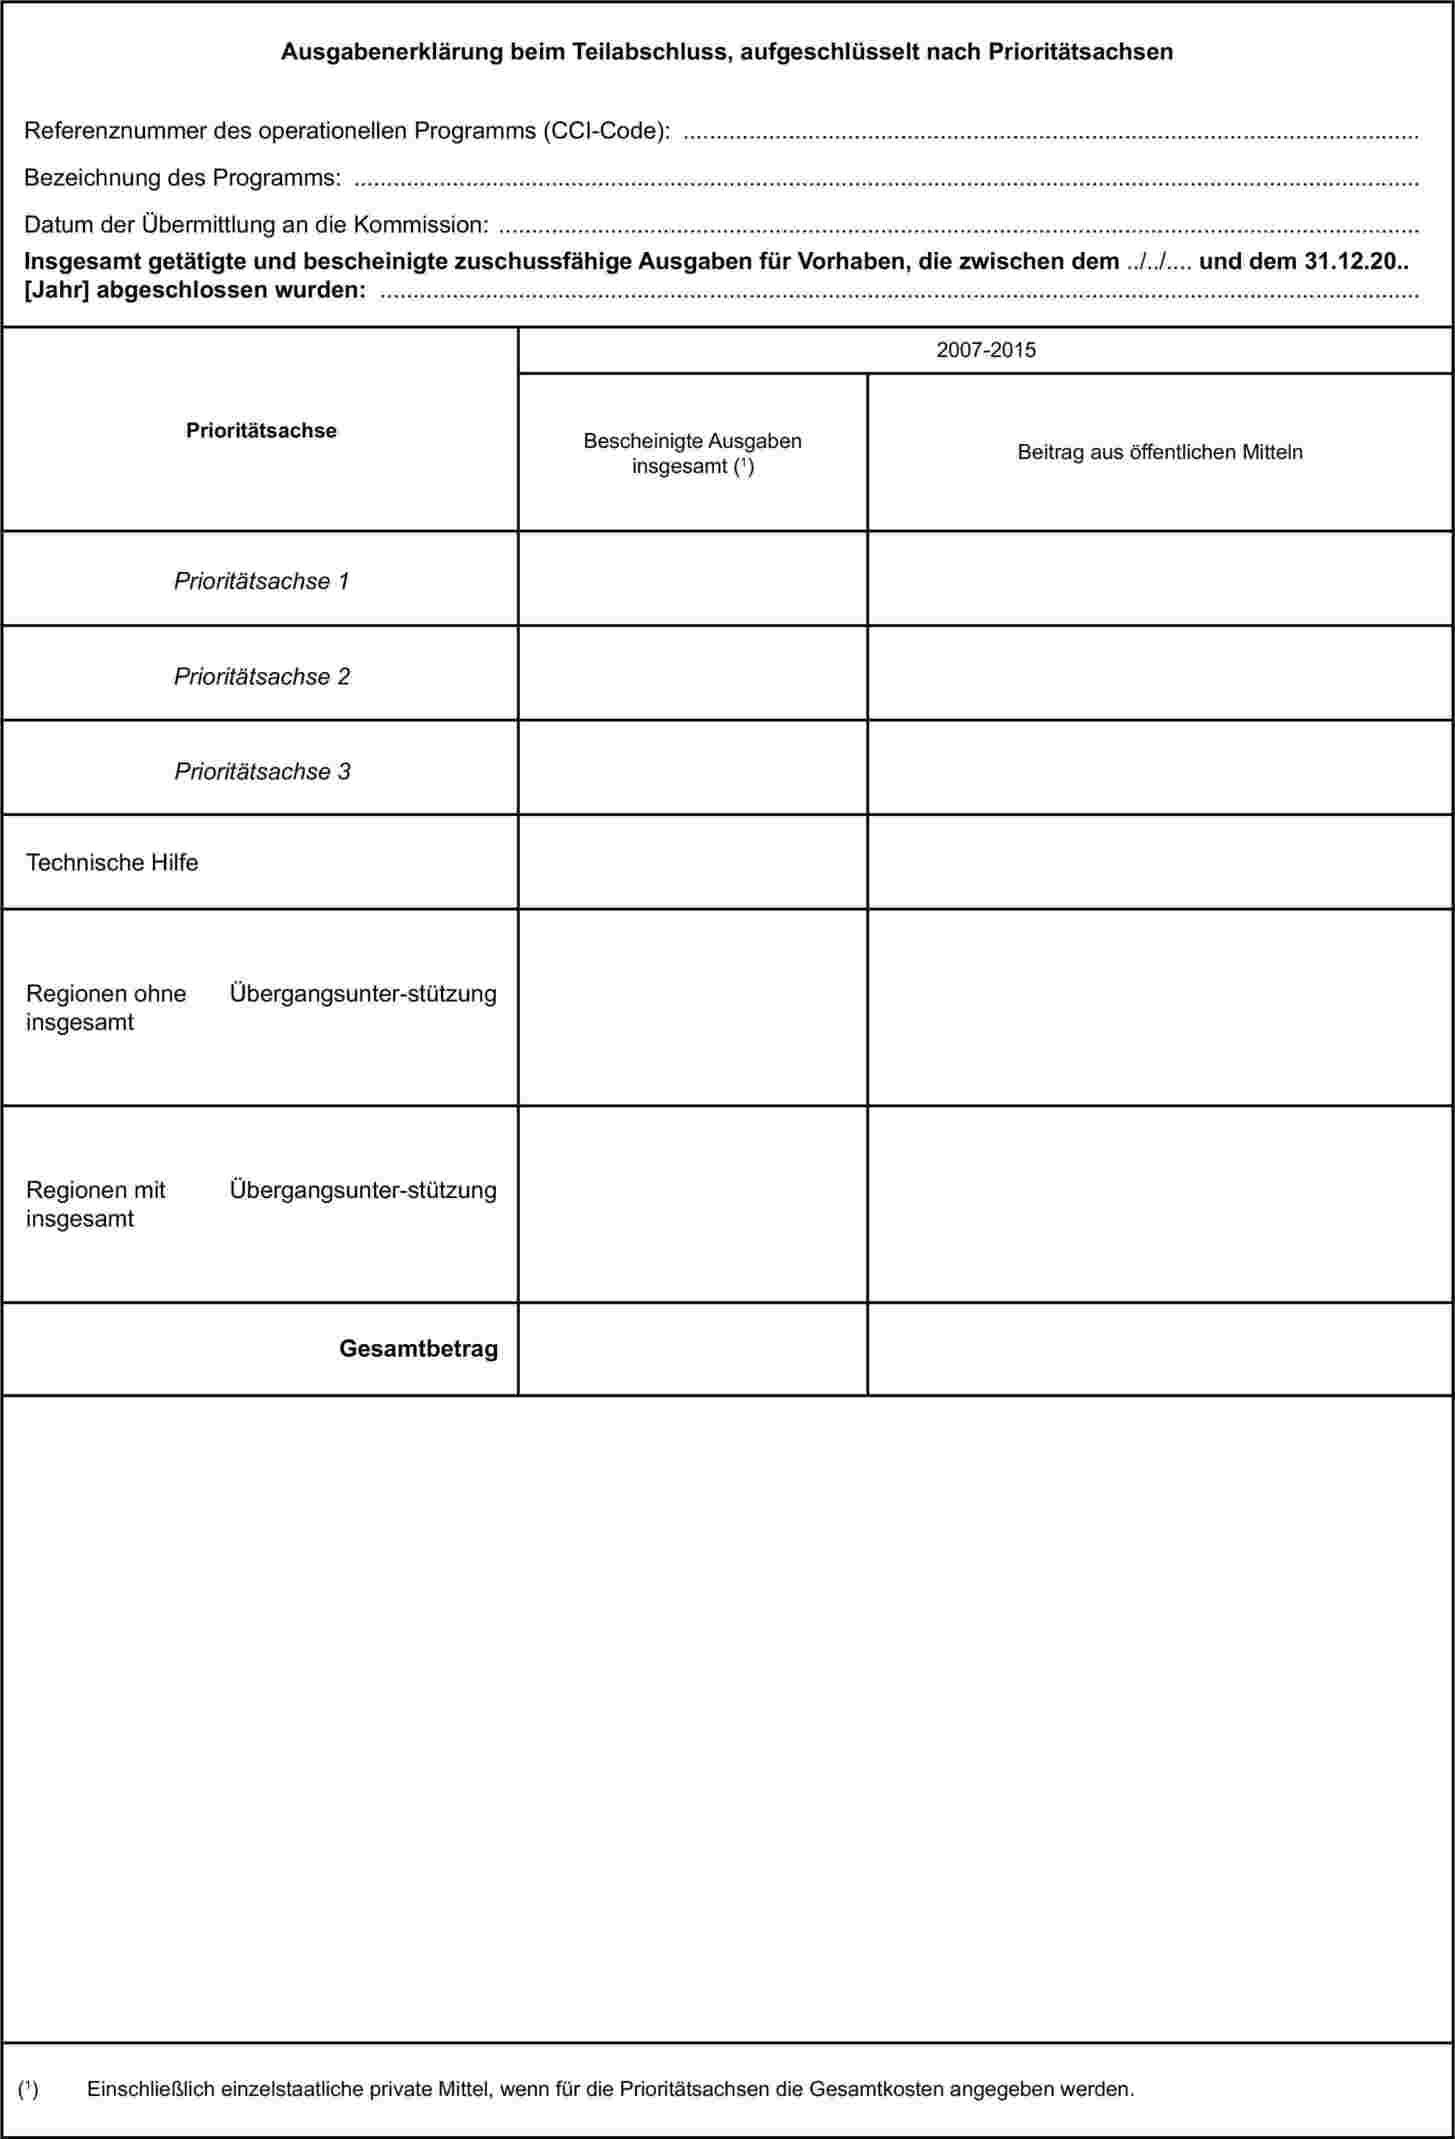 Ungewöhnlich Esl Fortschrittsbericht Vorlage Ideen - Entry Level ...